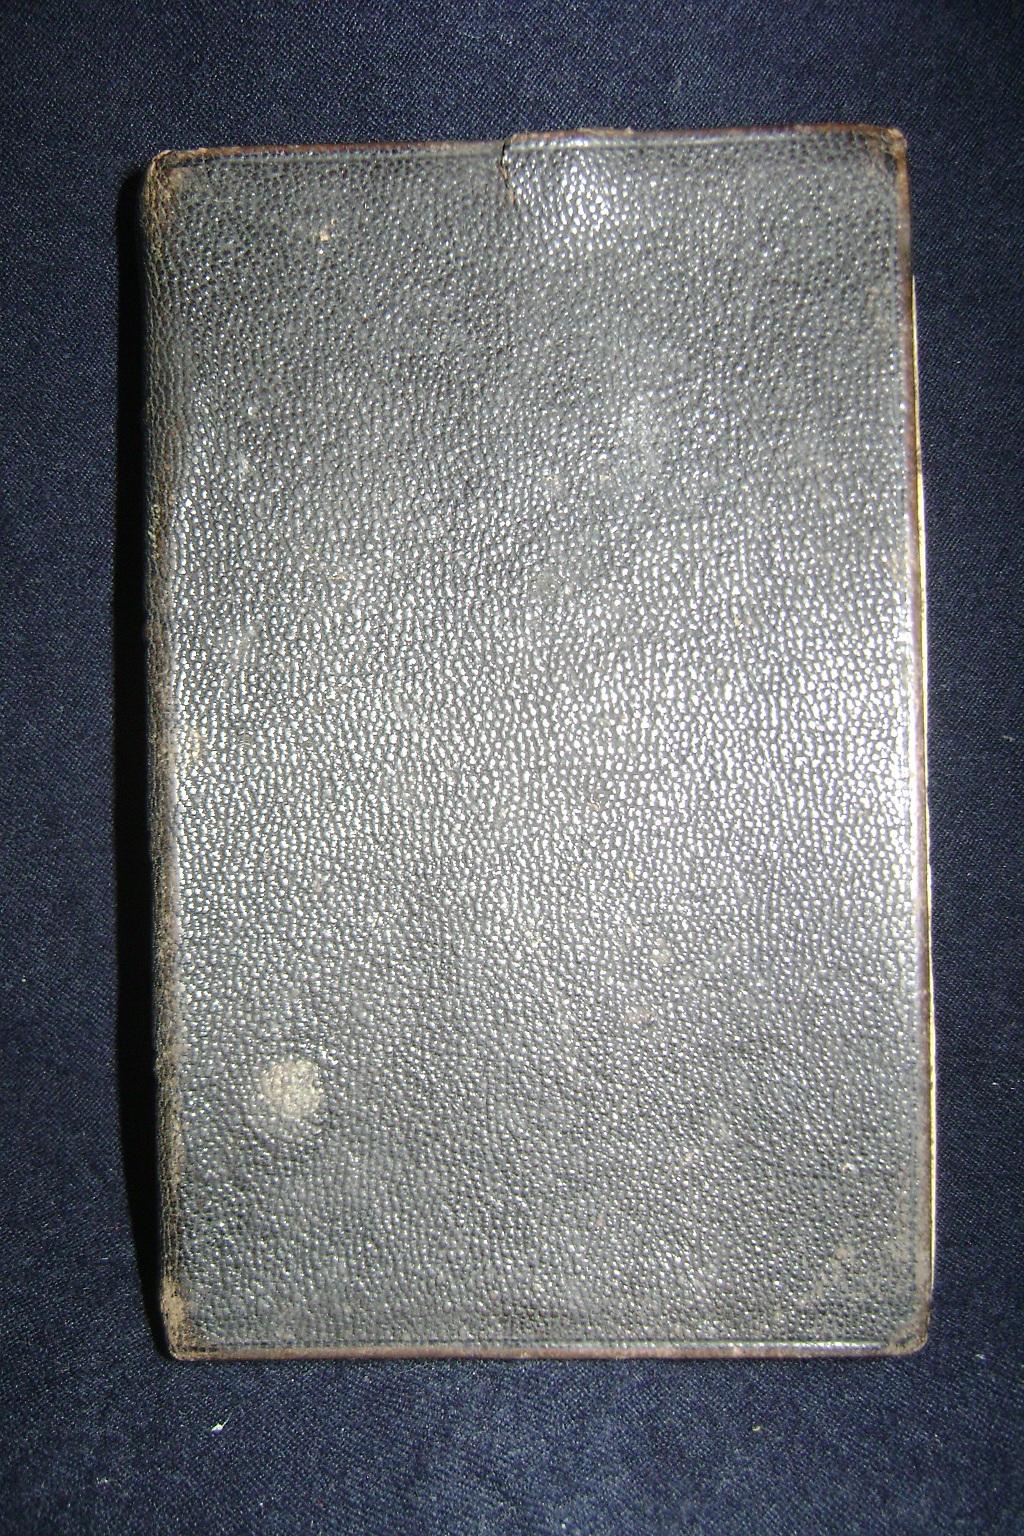 Knjiga_religija_Ruhe_in_gott_1879_1.JPG